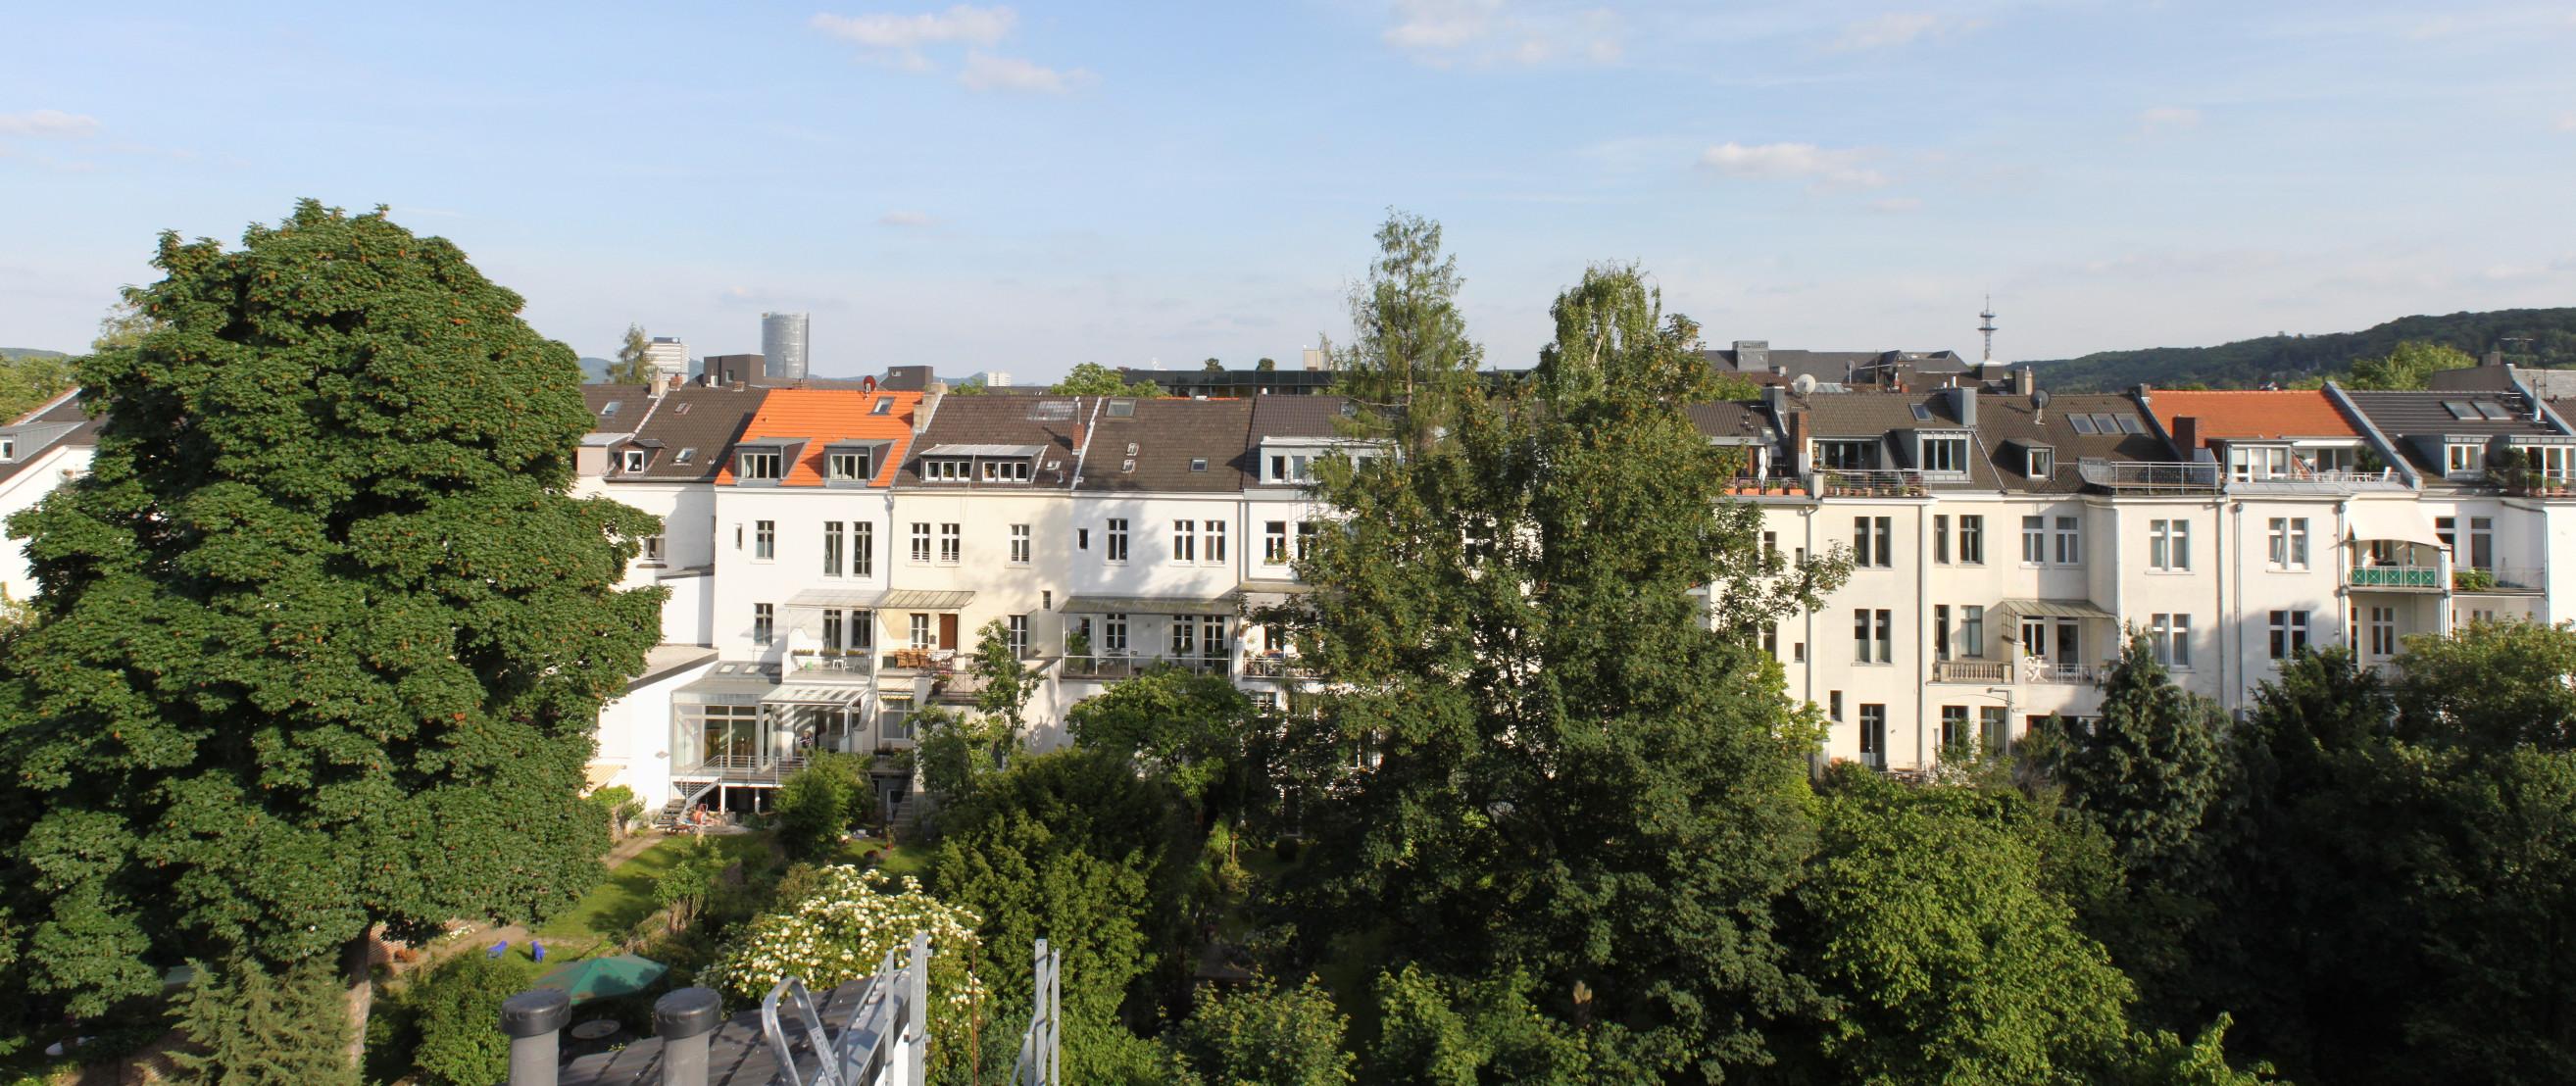 Exklusiv möbliert wohnen in Bonn